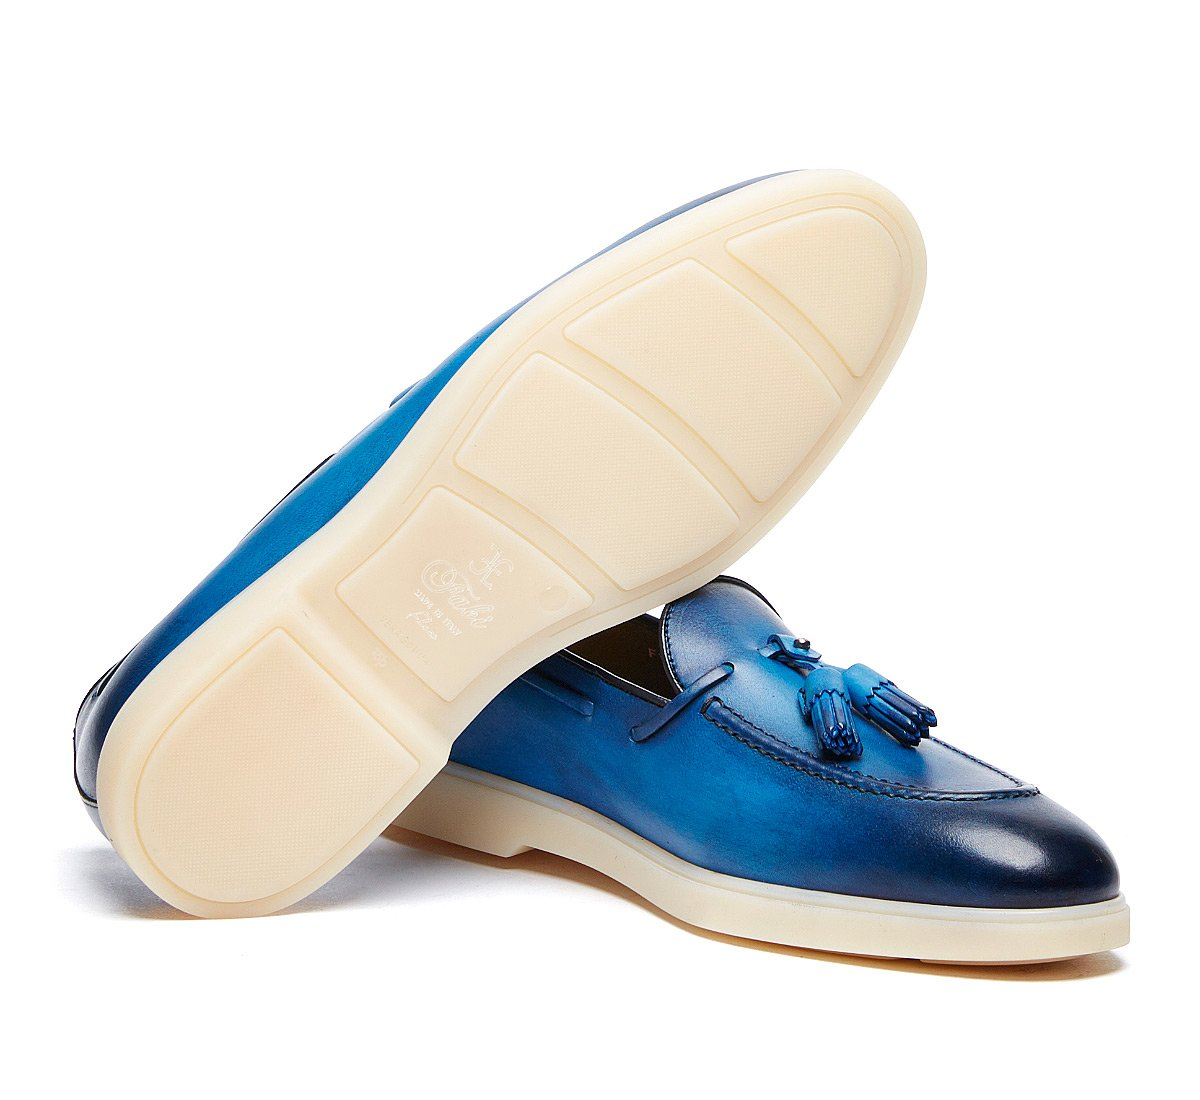 Fabi Flex moccasins in exquisite calfskin